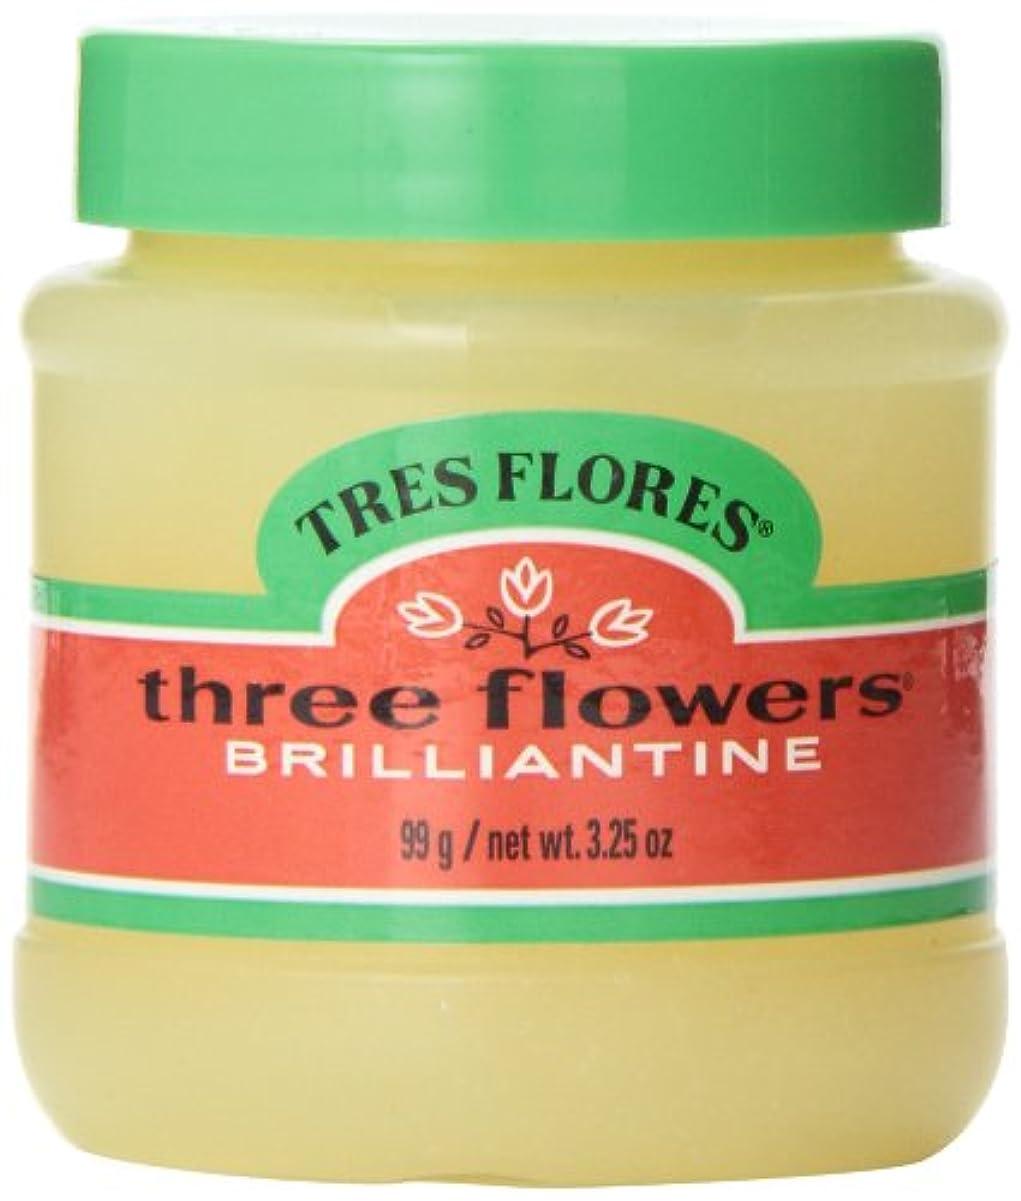 主権者解明家庭Three Flowers Brilliantine Pomade Solid 3.25oz